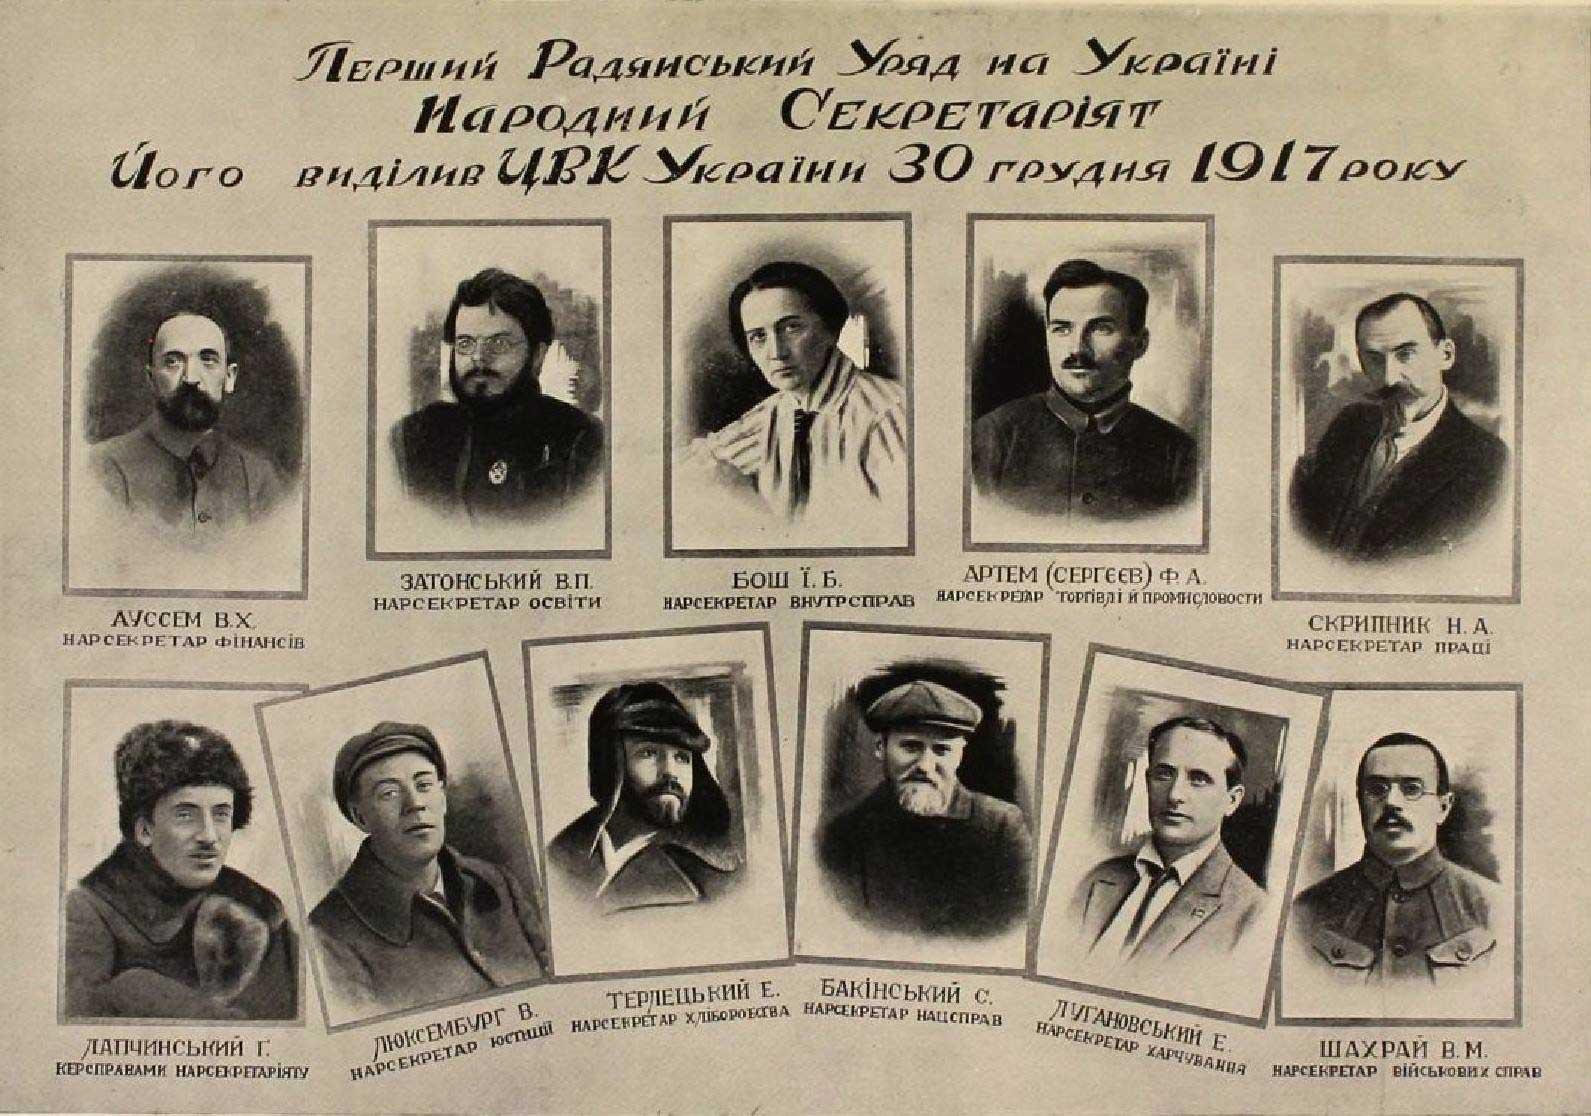 Перший уряд Радянської України